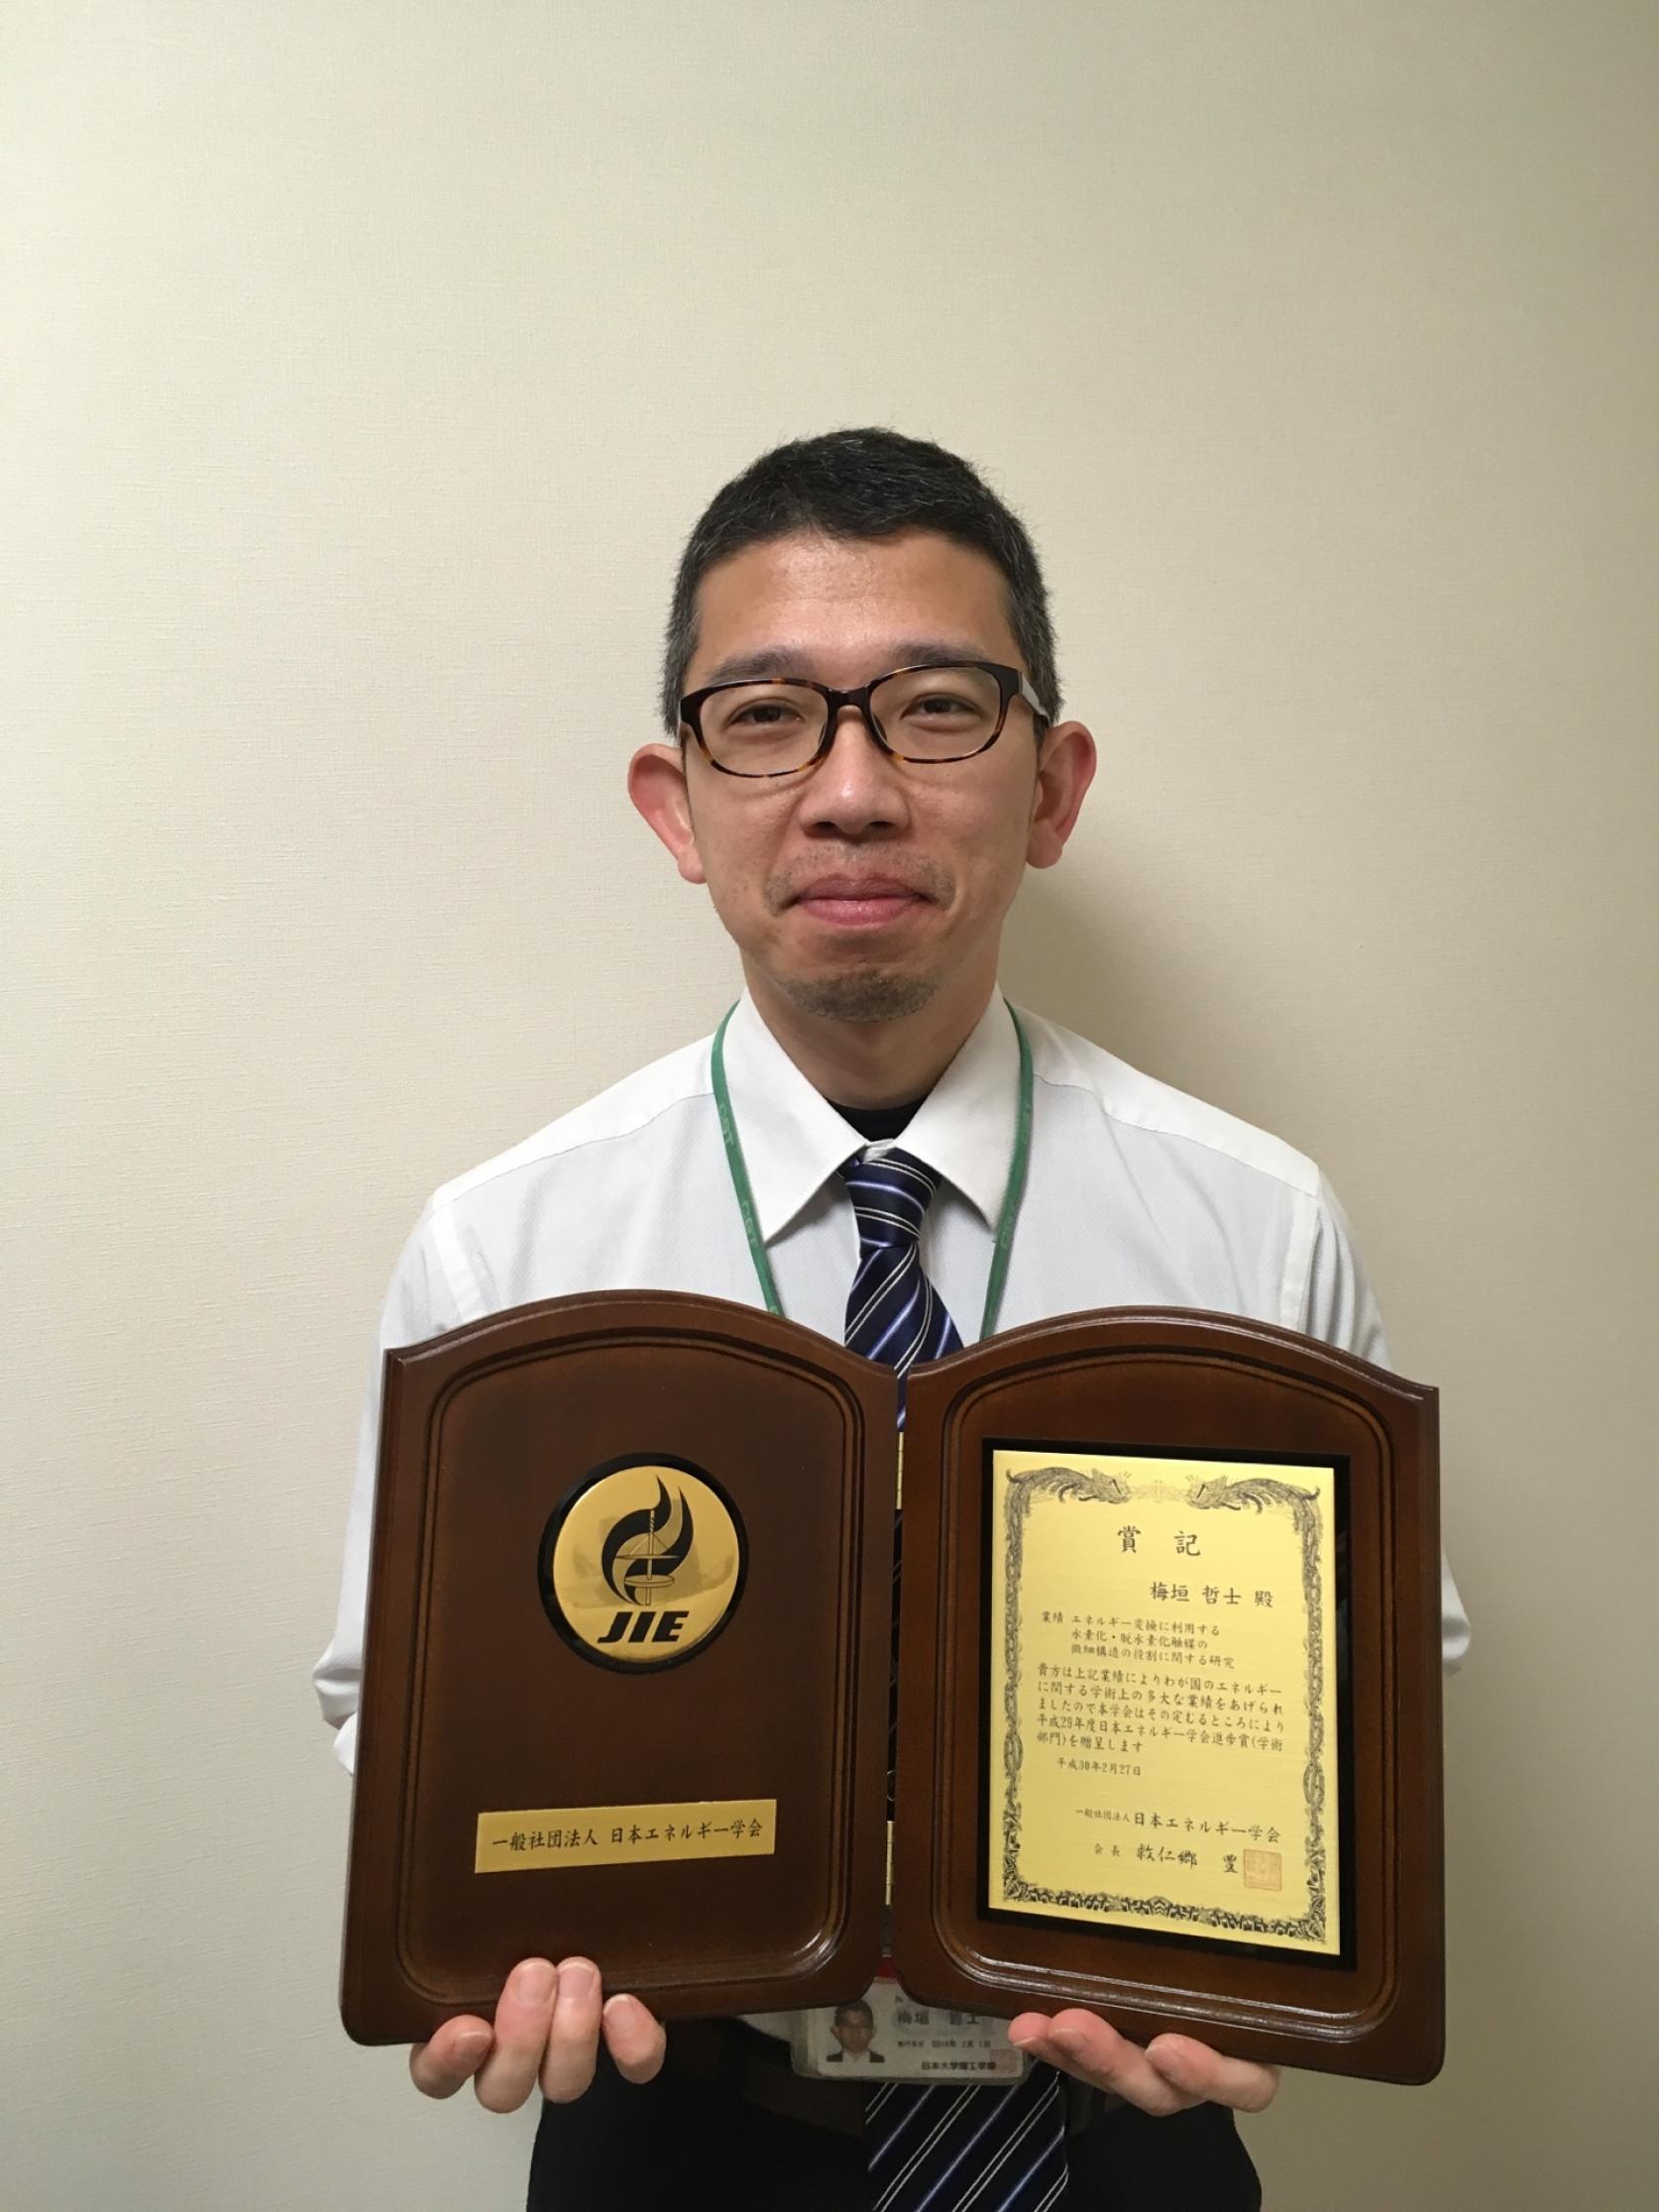 物質応用化学科の梅垣哲士准教授が「平成29年度 日本エネルギー学会」において進歩賞(学術部門)を受賞しました。